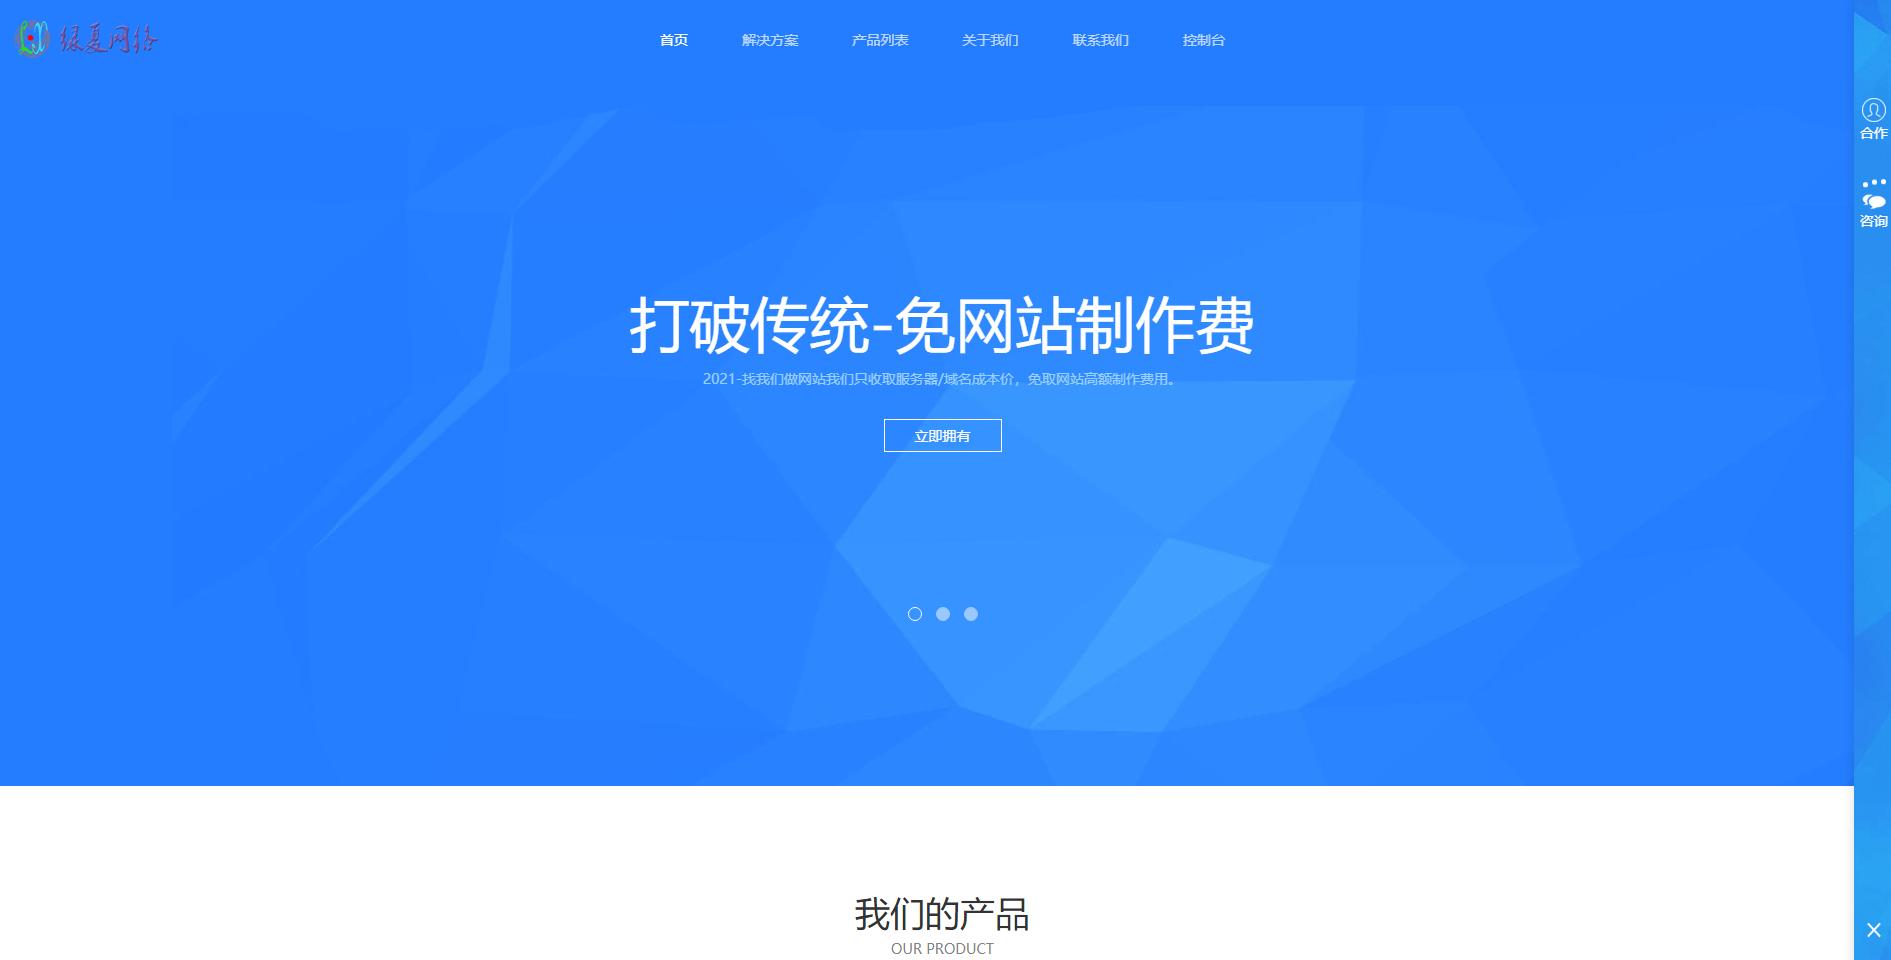 绿夏云建站平台正式上线使用!